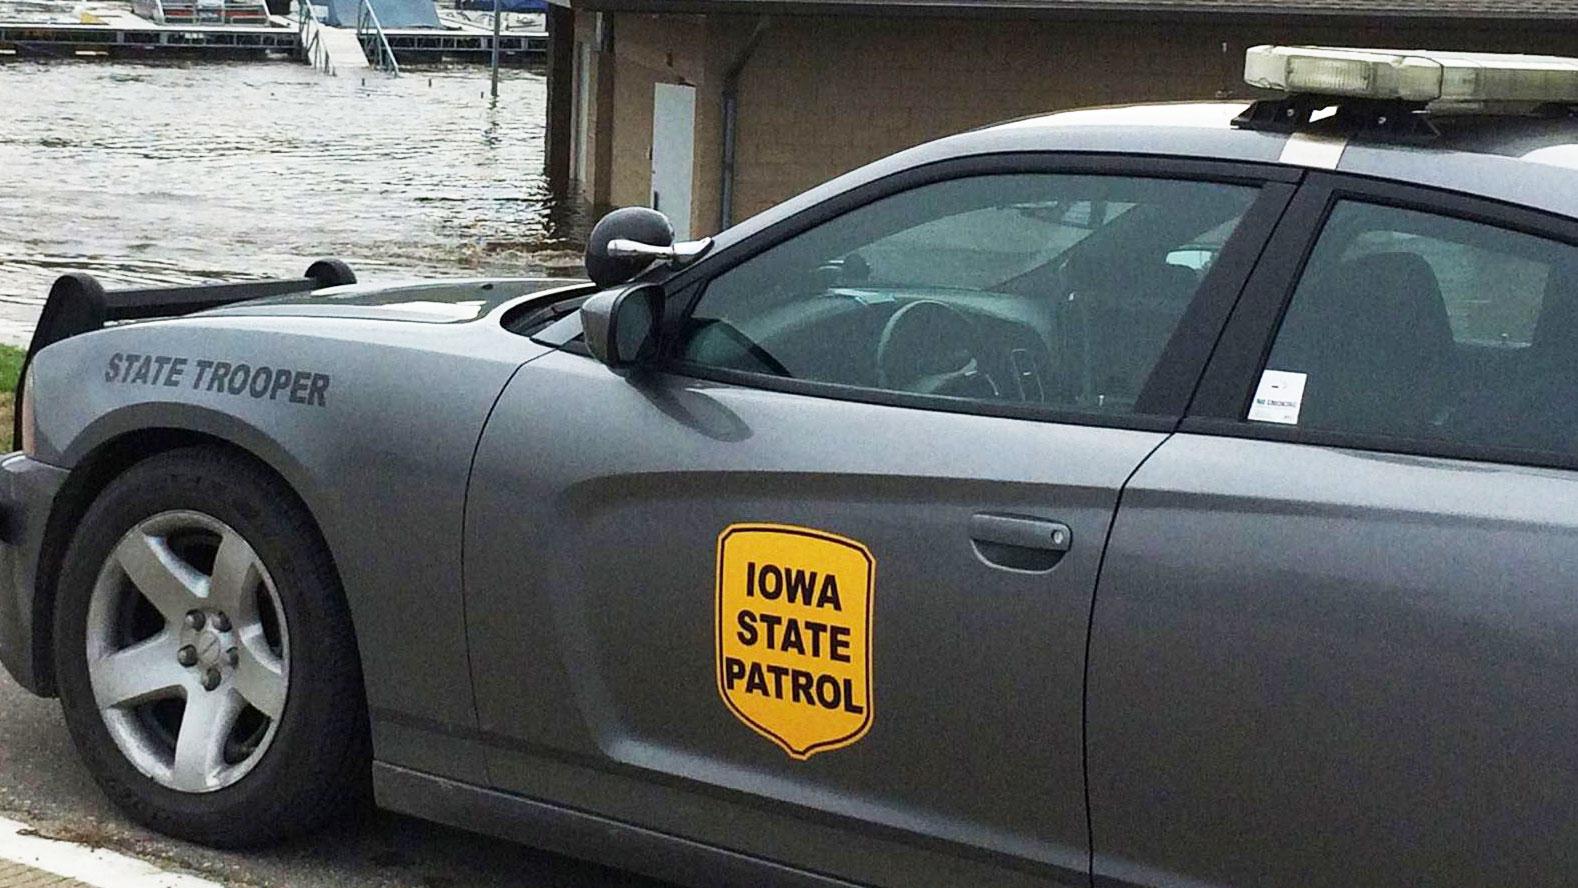 KELO Iowa State Patrol